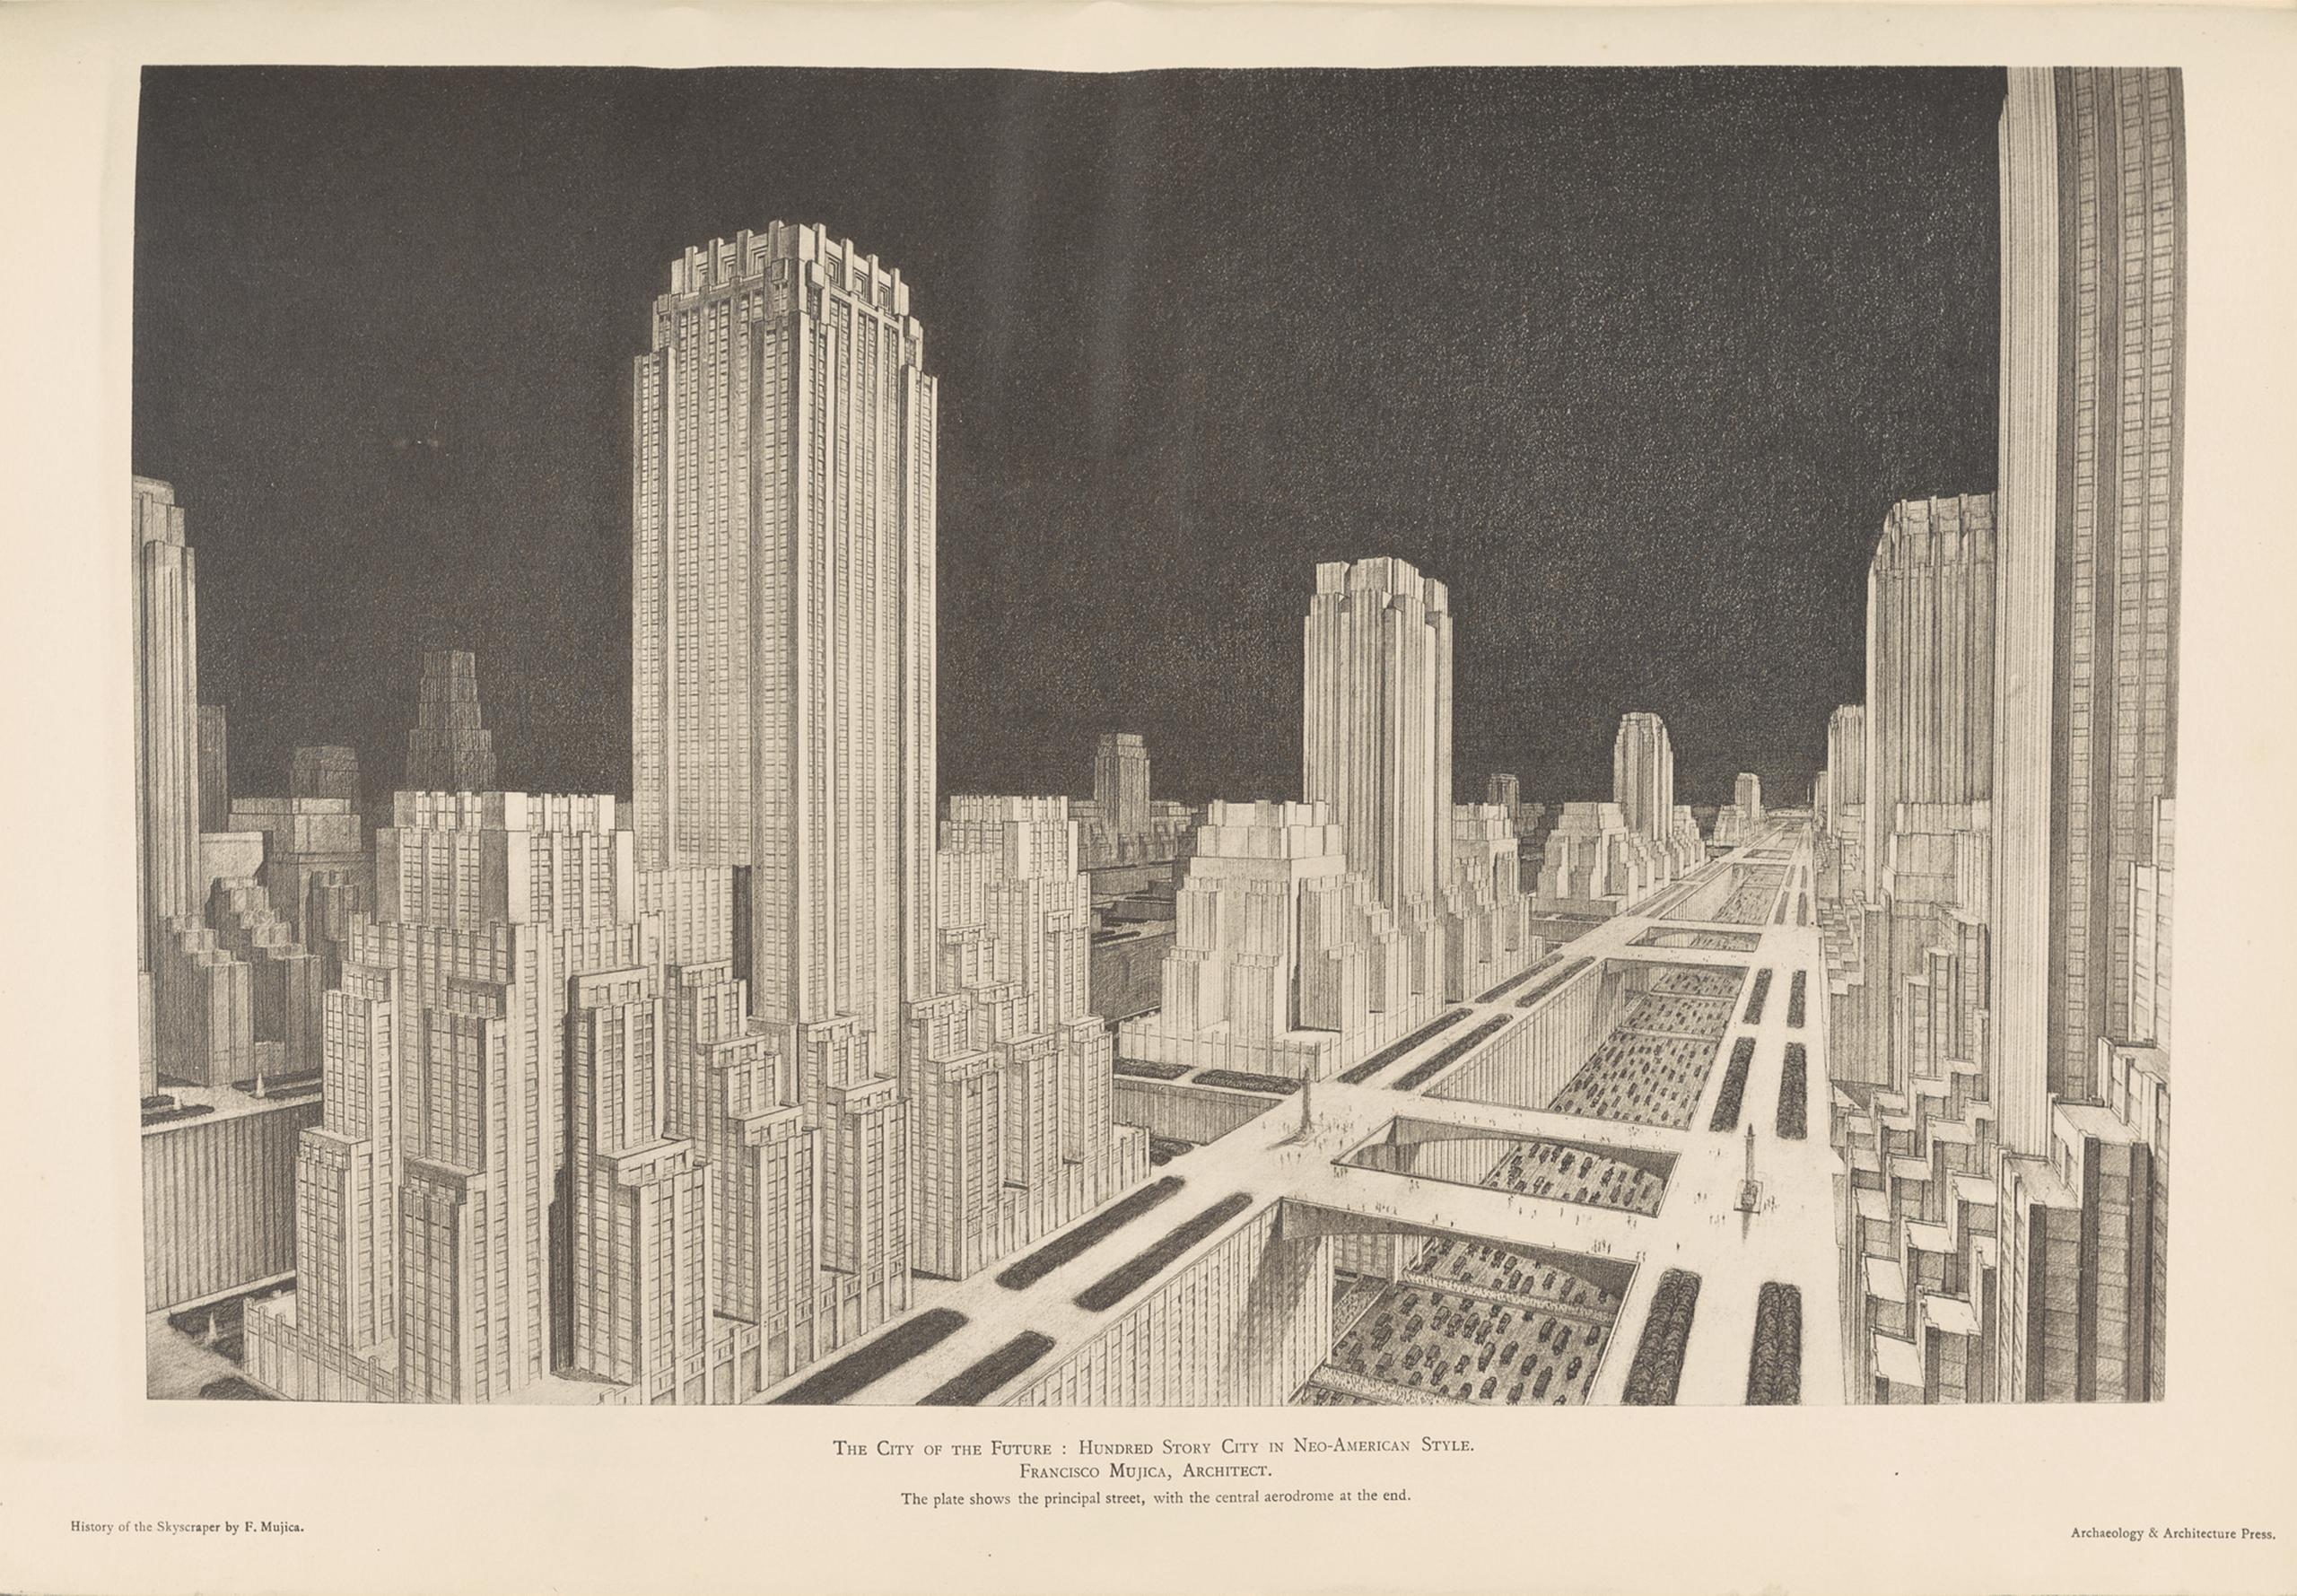 La Ciudad del Futuro: Ciudad de cien pisos en estilo Neoamericano | La metrópolis en América Latina, 1830-1930 | Museo Amparo, Puebla